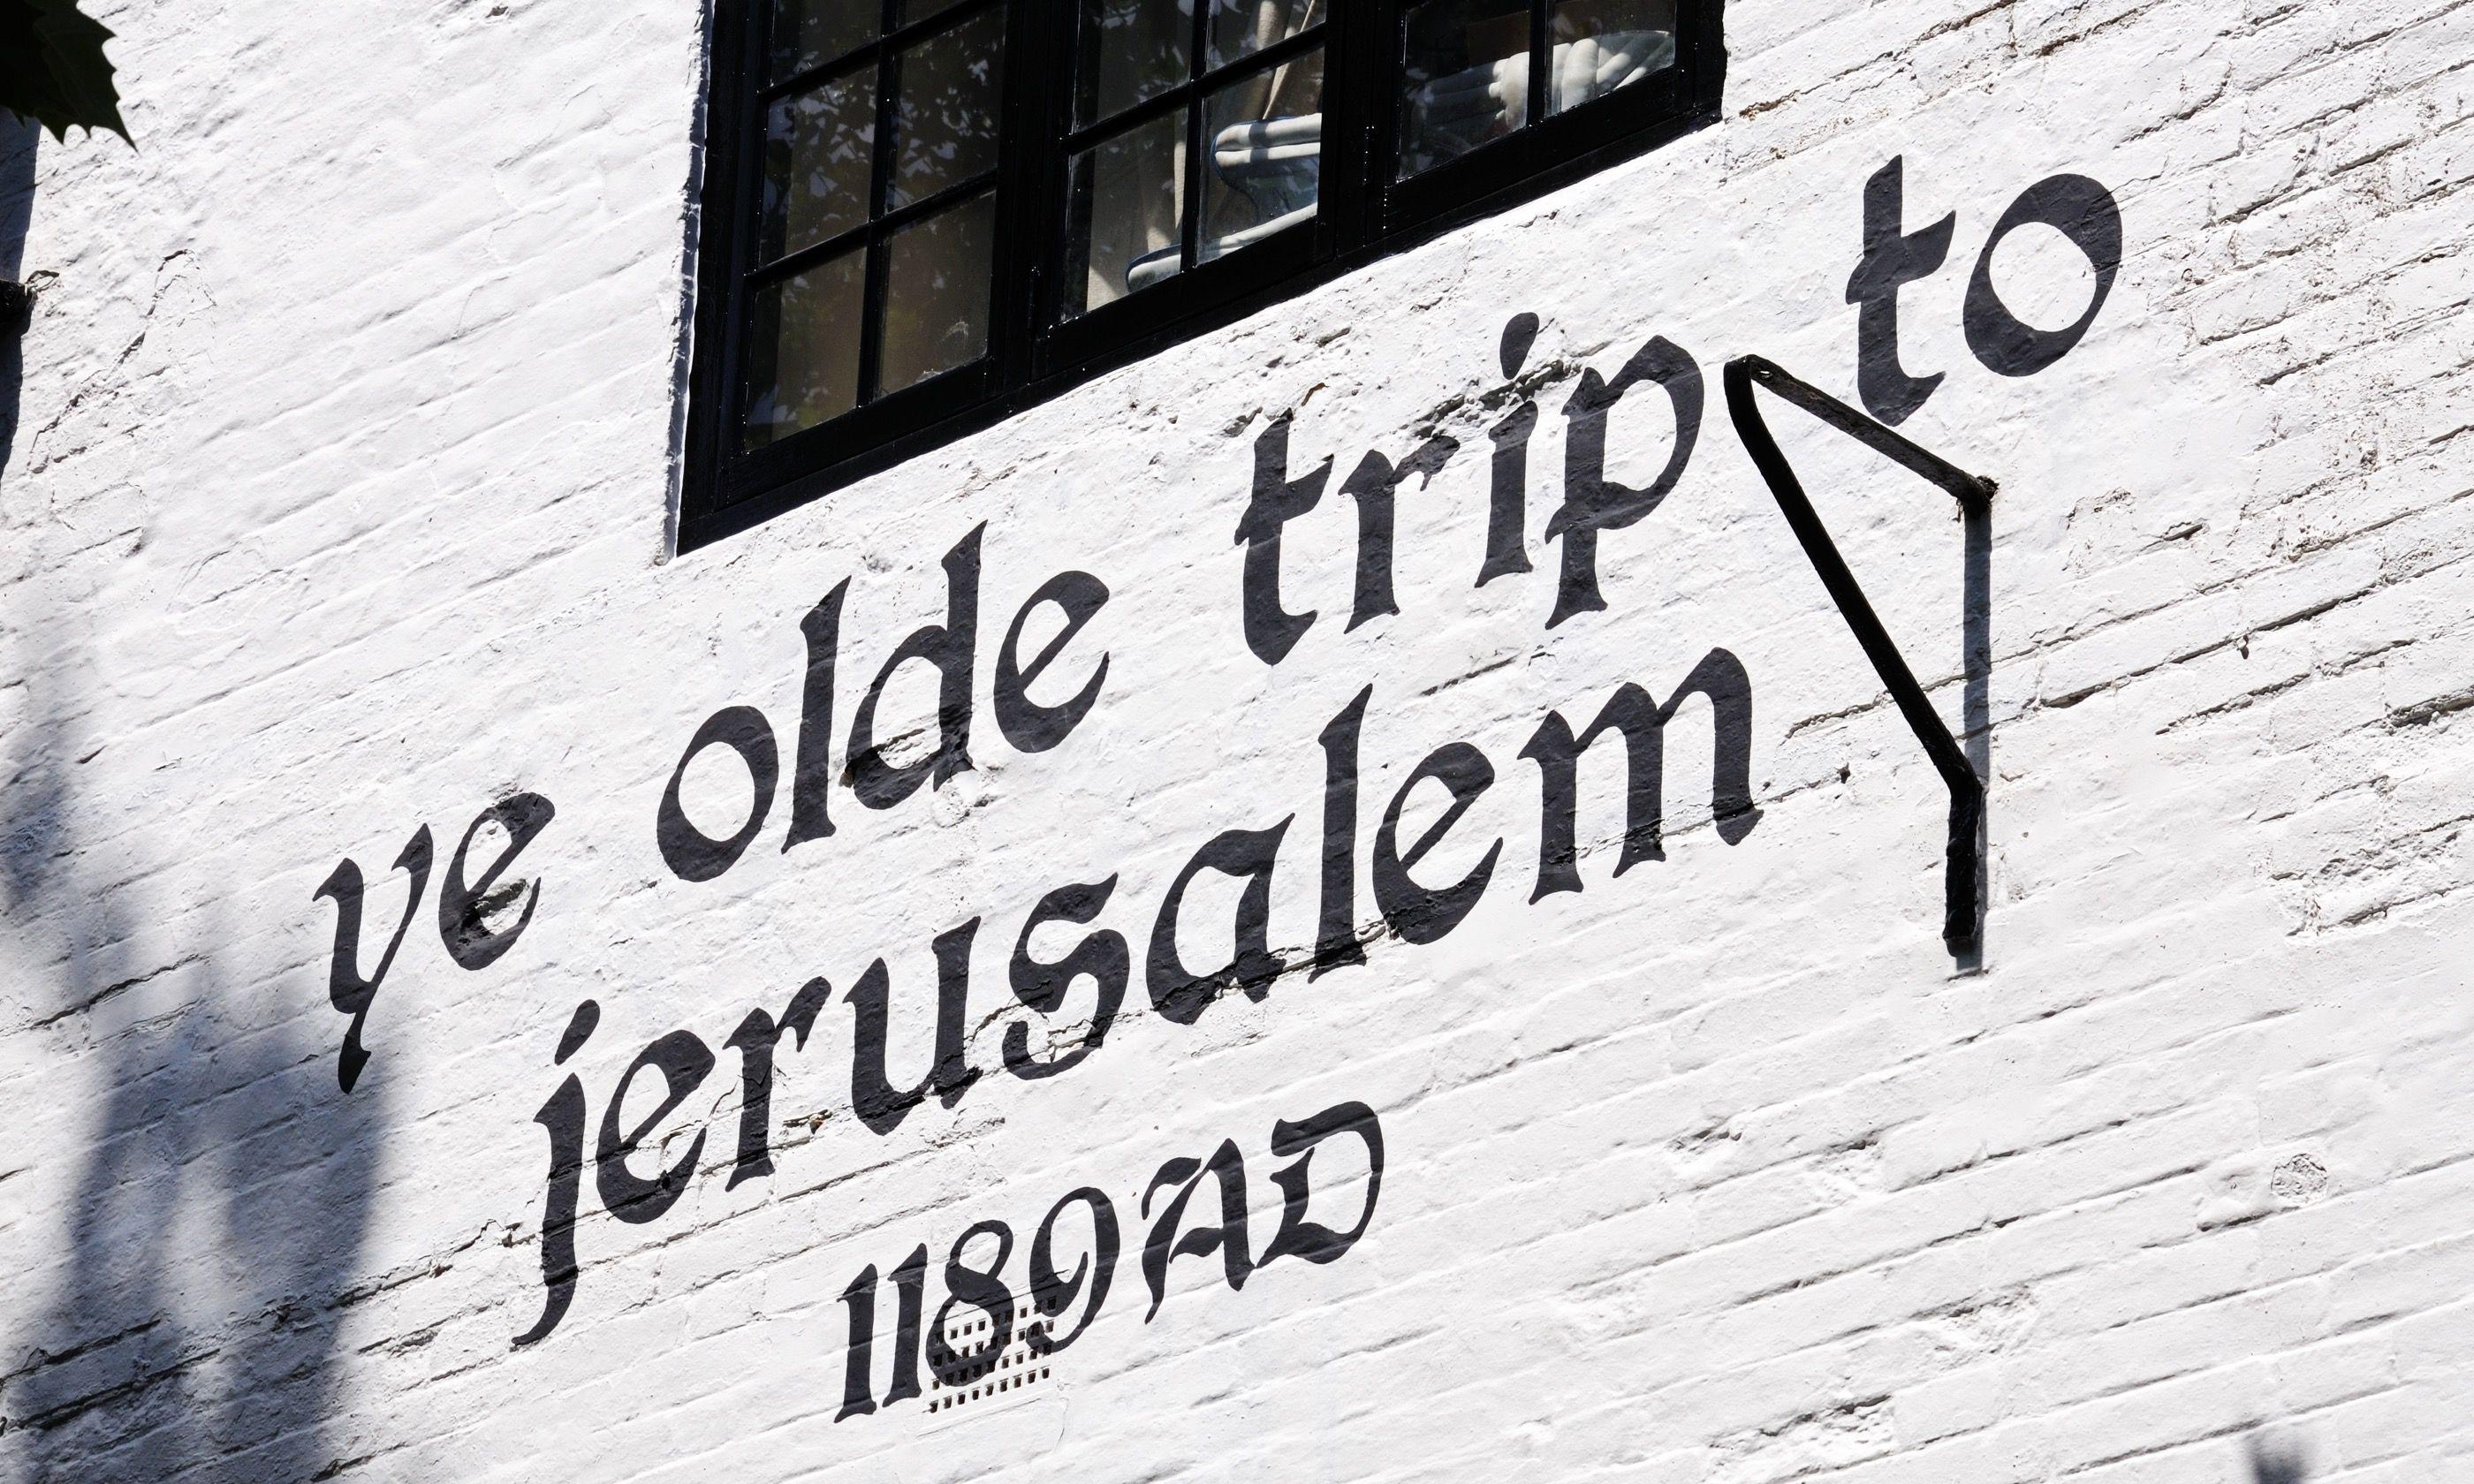 Ye Olde Trip to Jerusalem (Shutterstock)